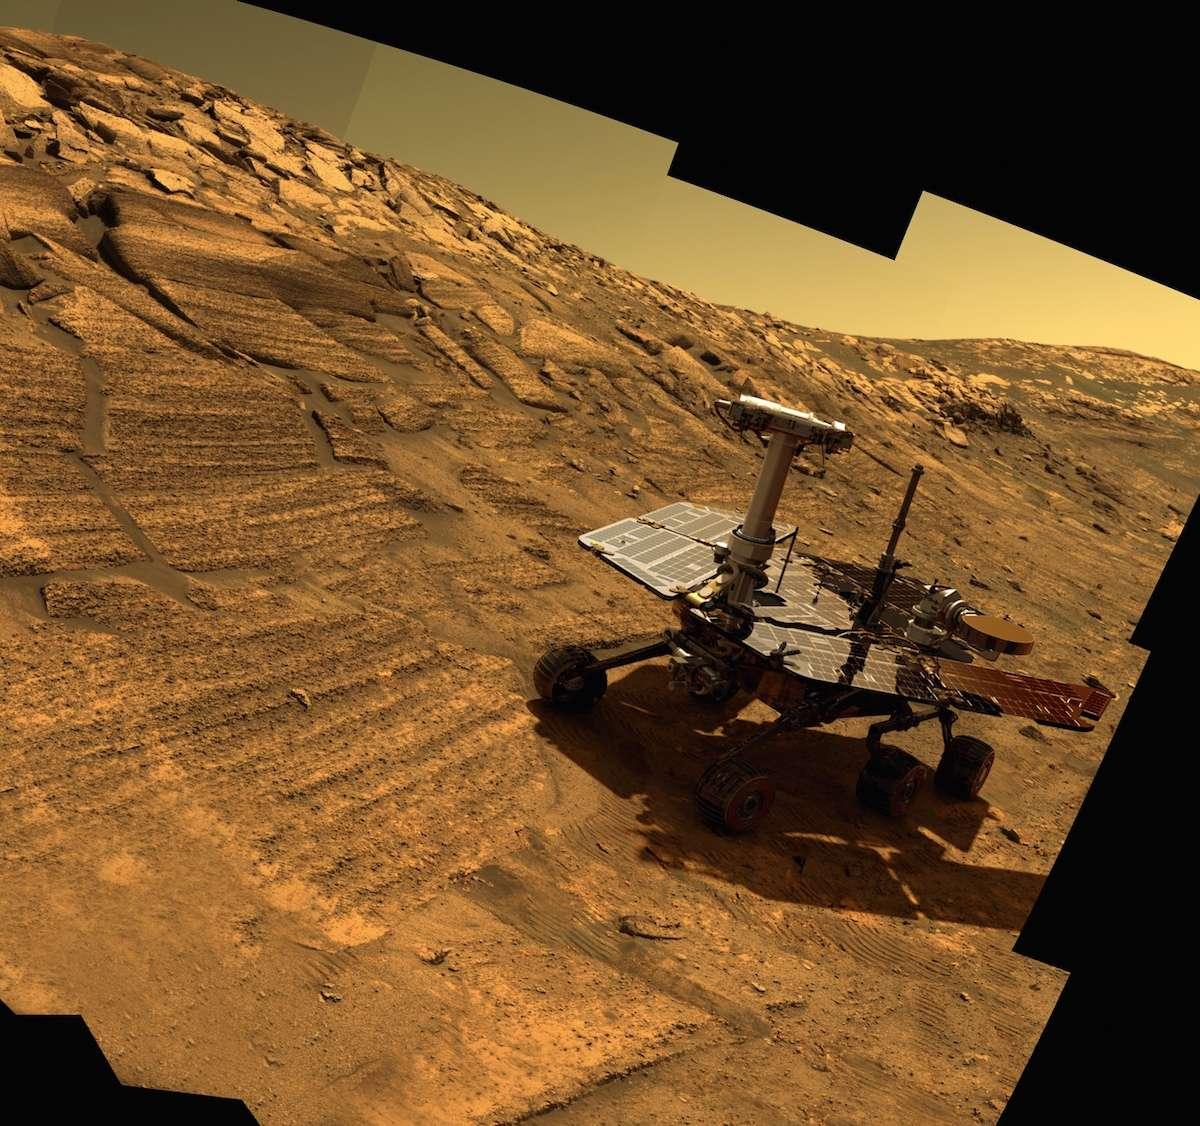 Une image d'Opportunity a été superposée à celle de la pente du cratère Endurance que le rover a réellement visité et photographié au début de sa mission. © Nasa, JPL